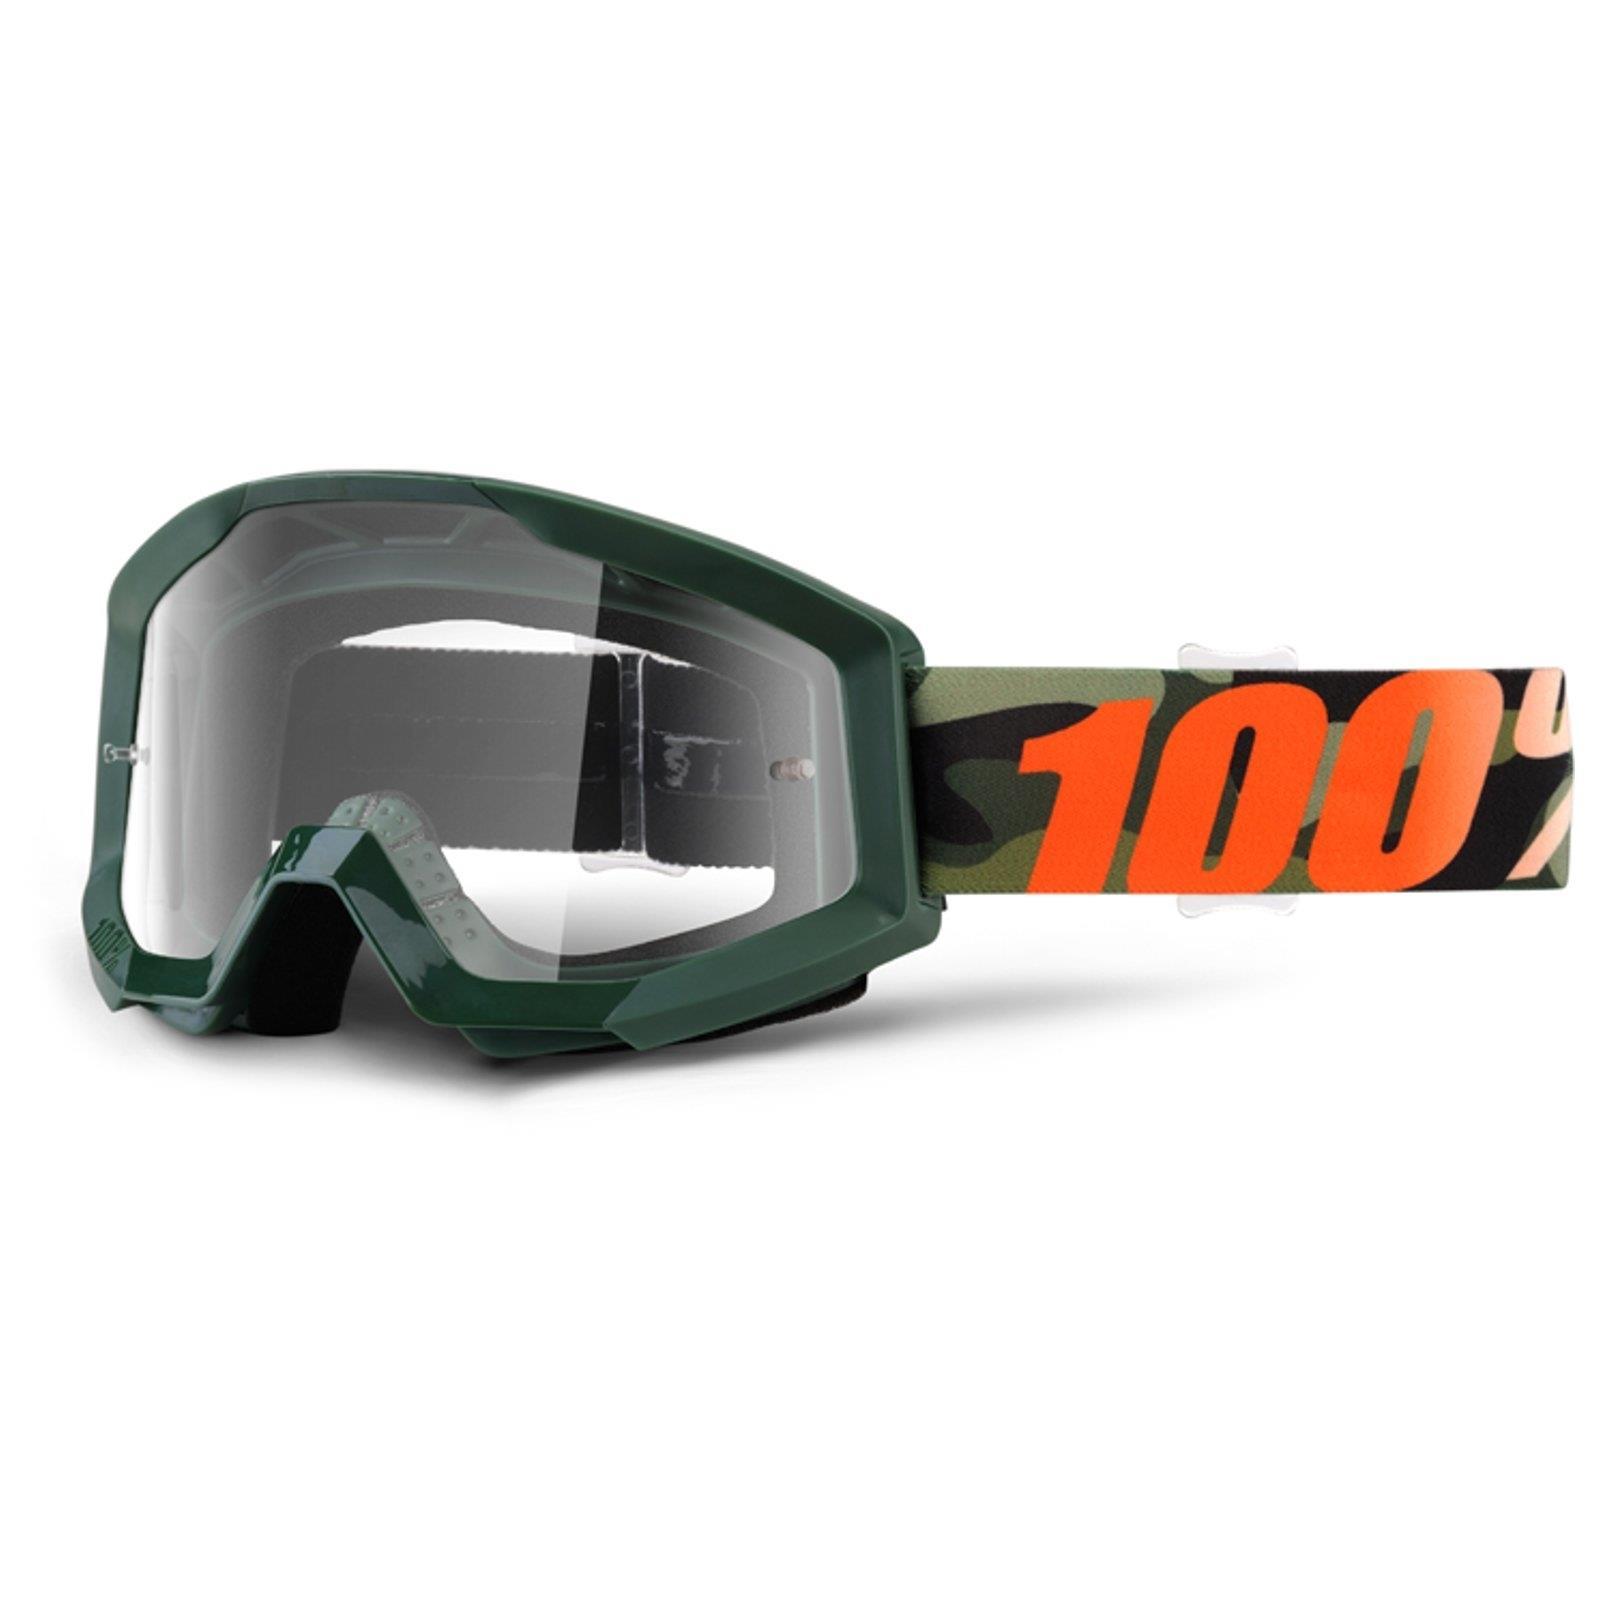 100 prozent strata goggle brille klare scheibe dh mtb mx for Klare scheibe niedernberg